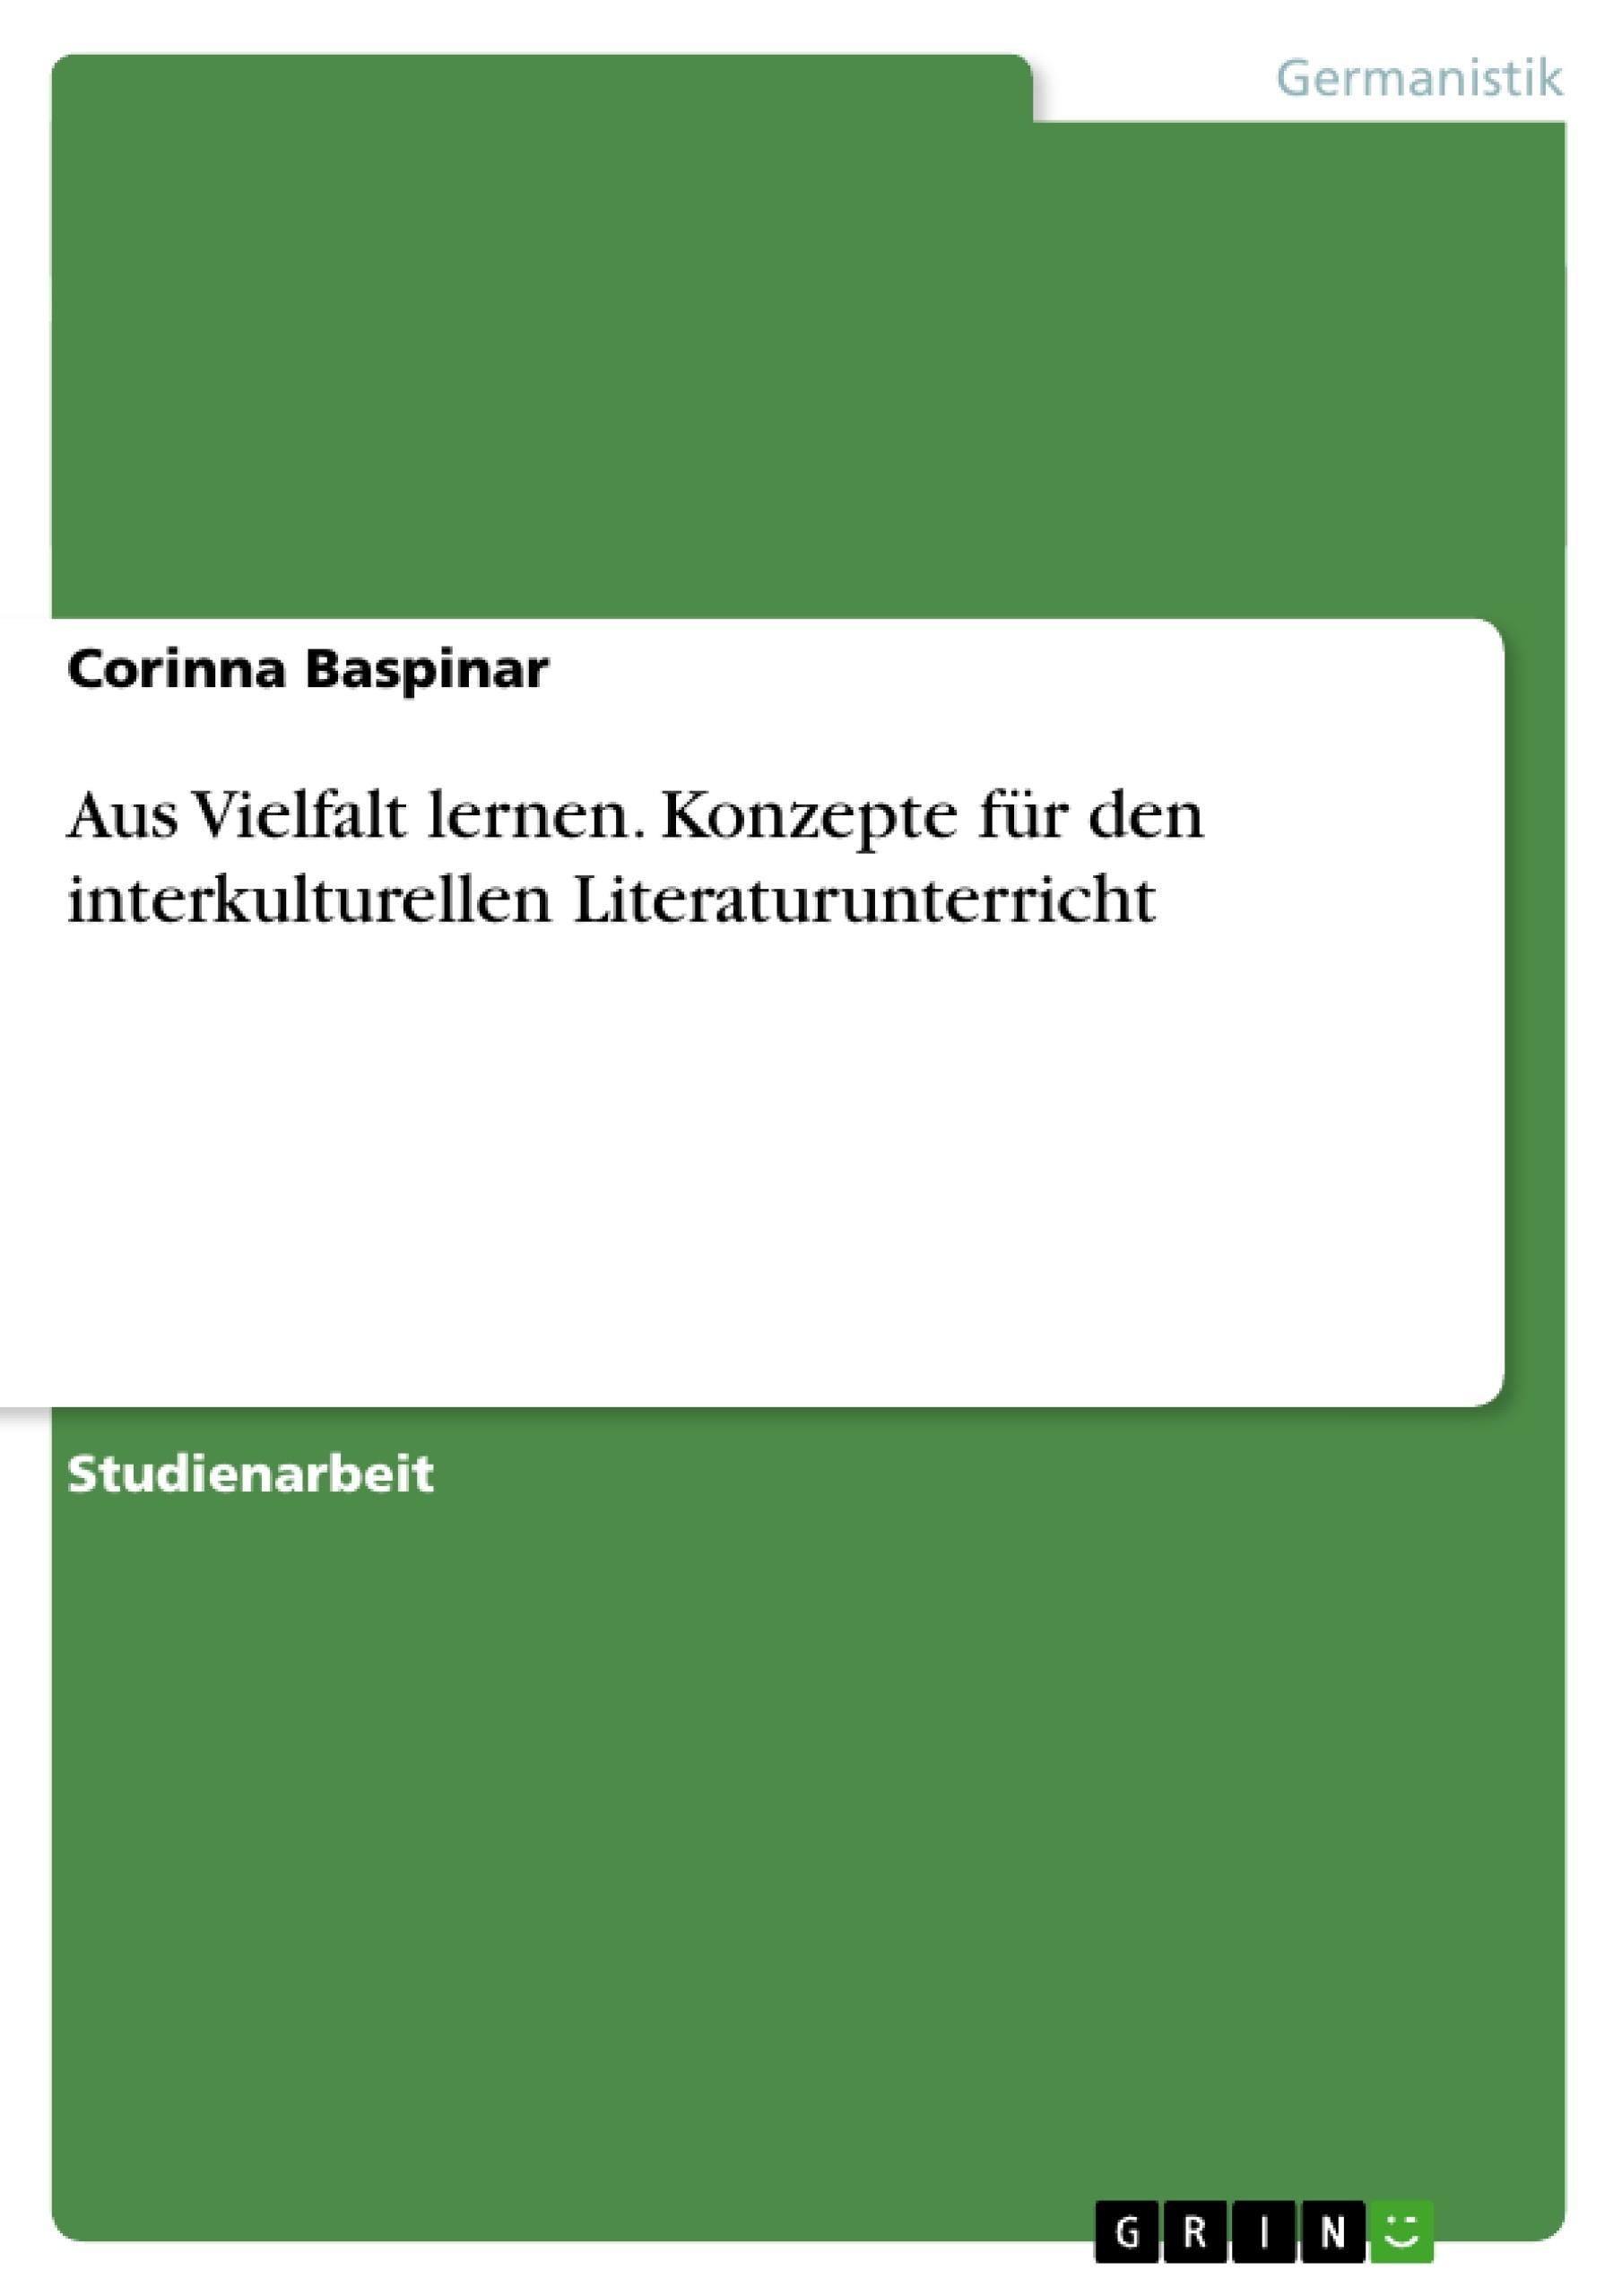 Titel: Aus Vielfalt lernen. Konzepte für den interkulturellen Literaturunterricht